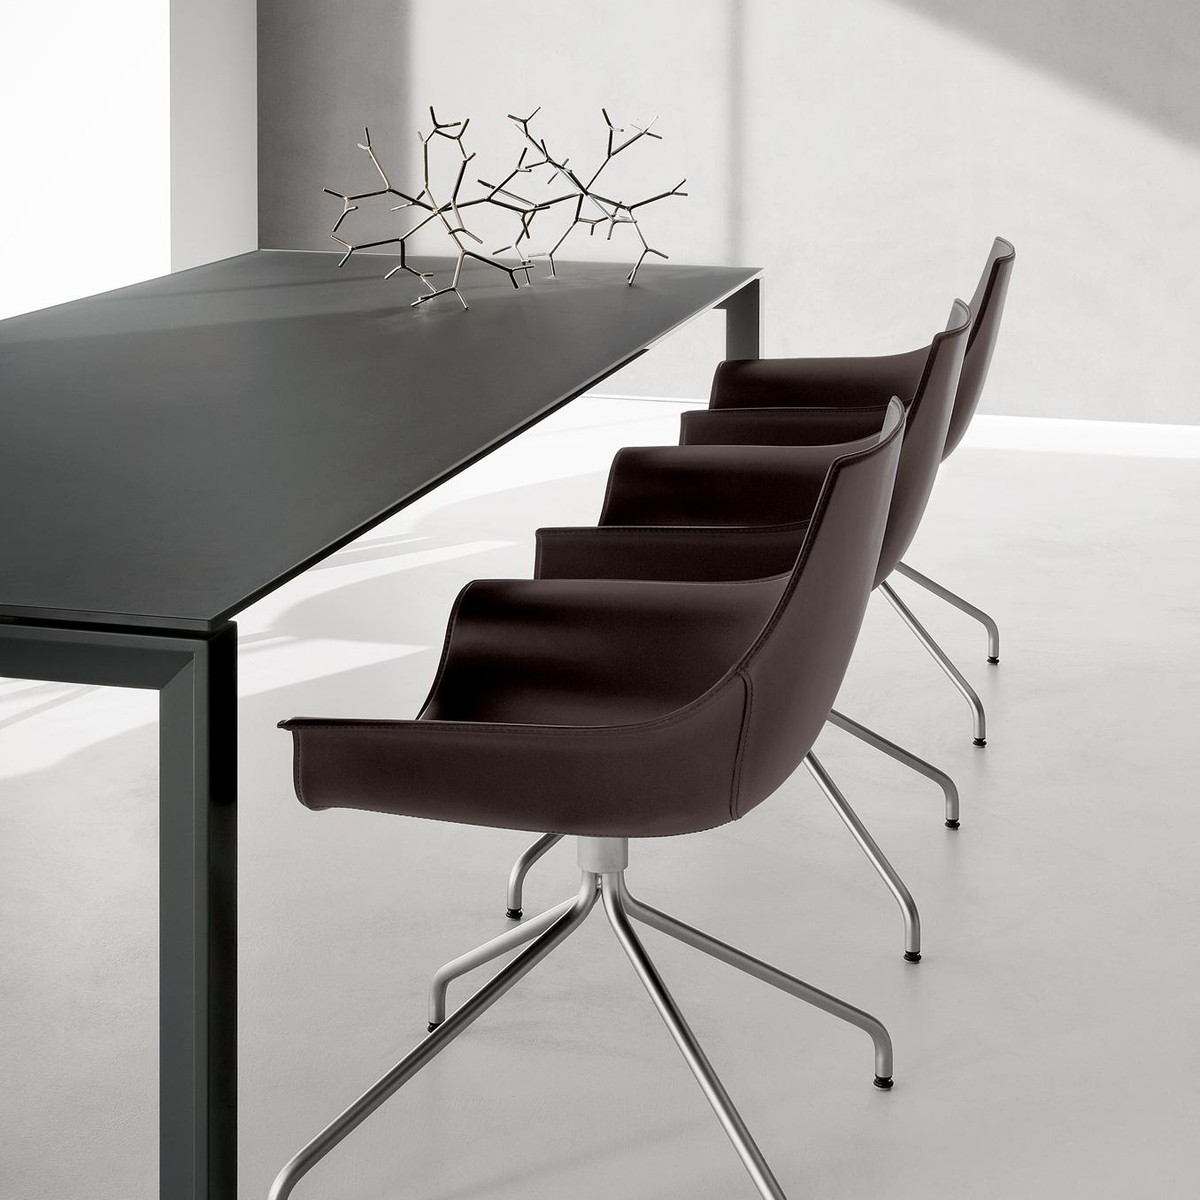 Designer Stuhl Klassiker mit schöne design für ihr haus design ideen